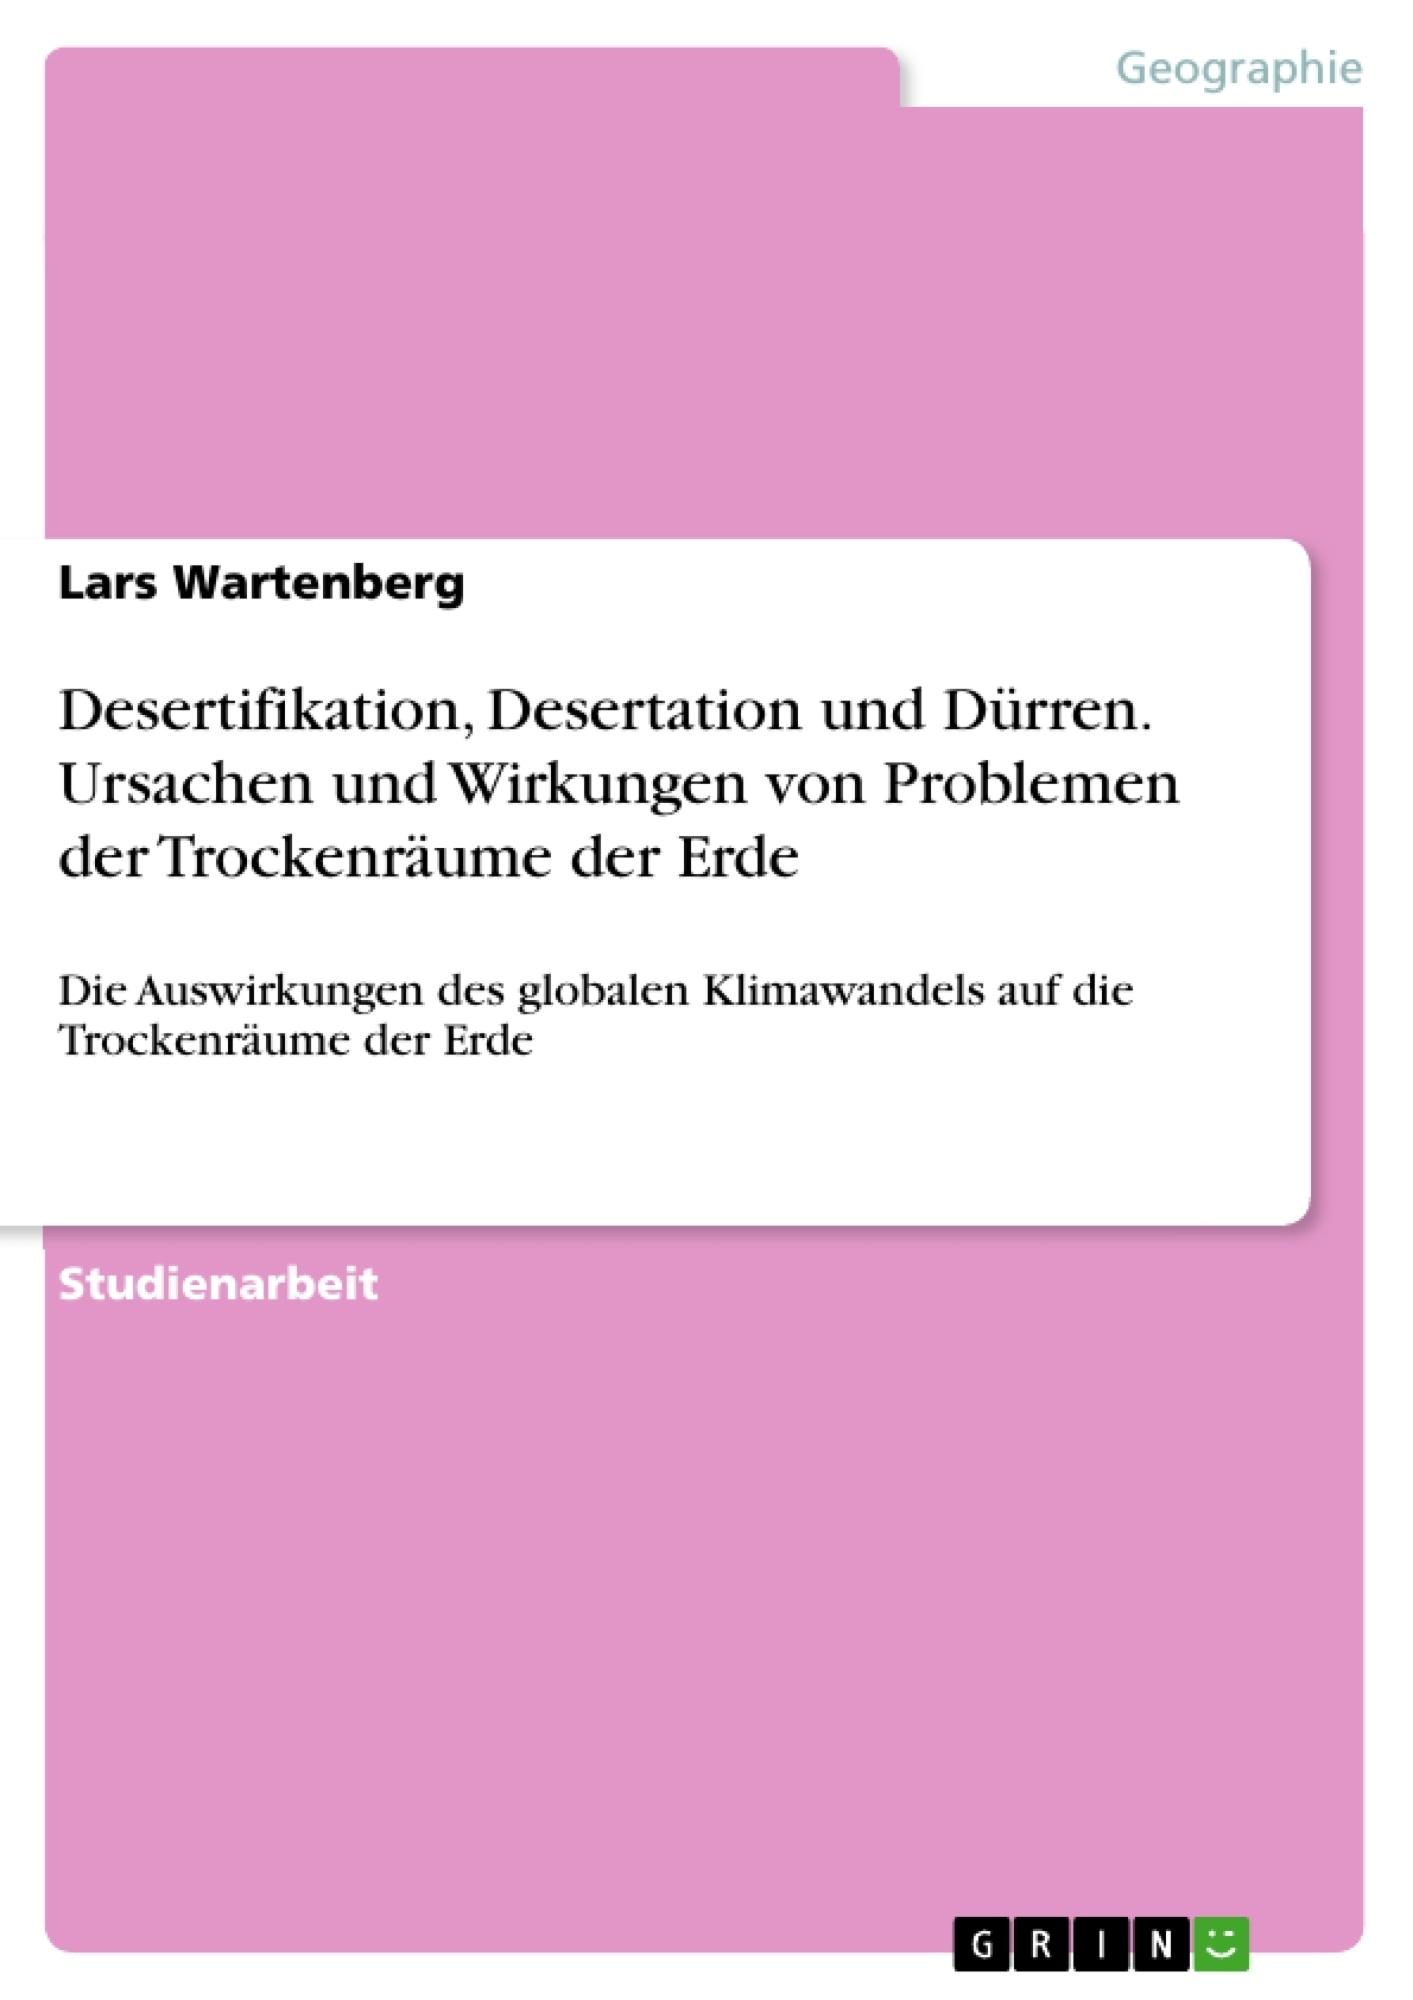 Titel: Desertifikation, Desertation und Dürren. Ursachen und Wirkungen von Problemen der Trockenräume der Erde